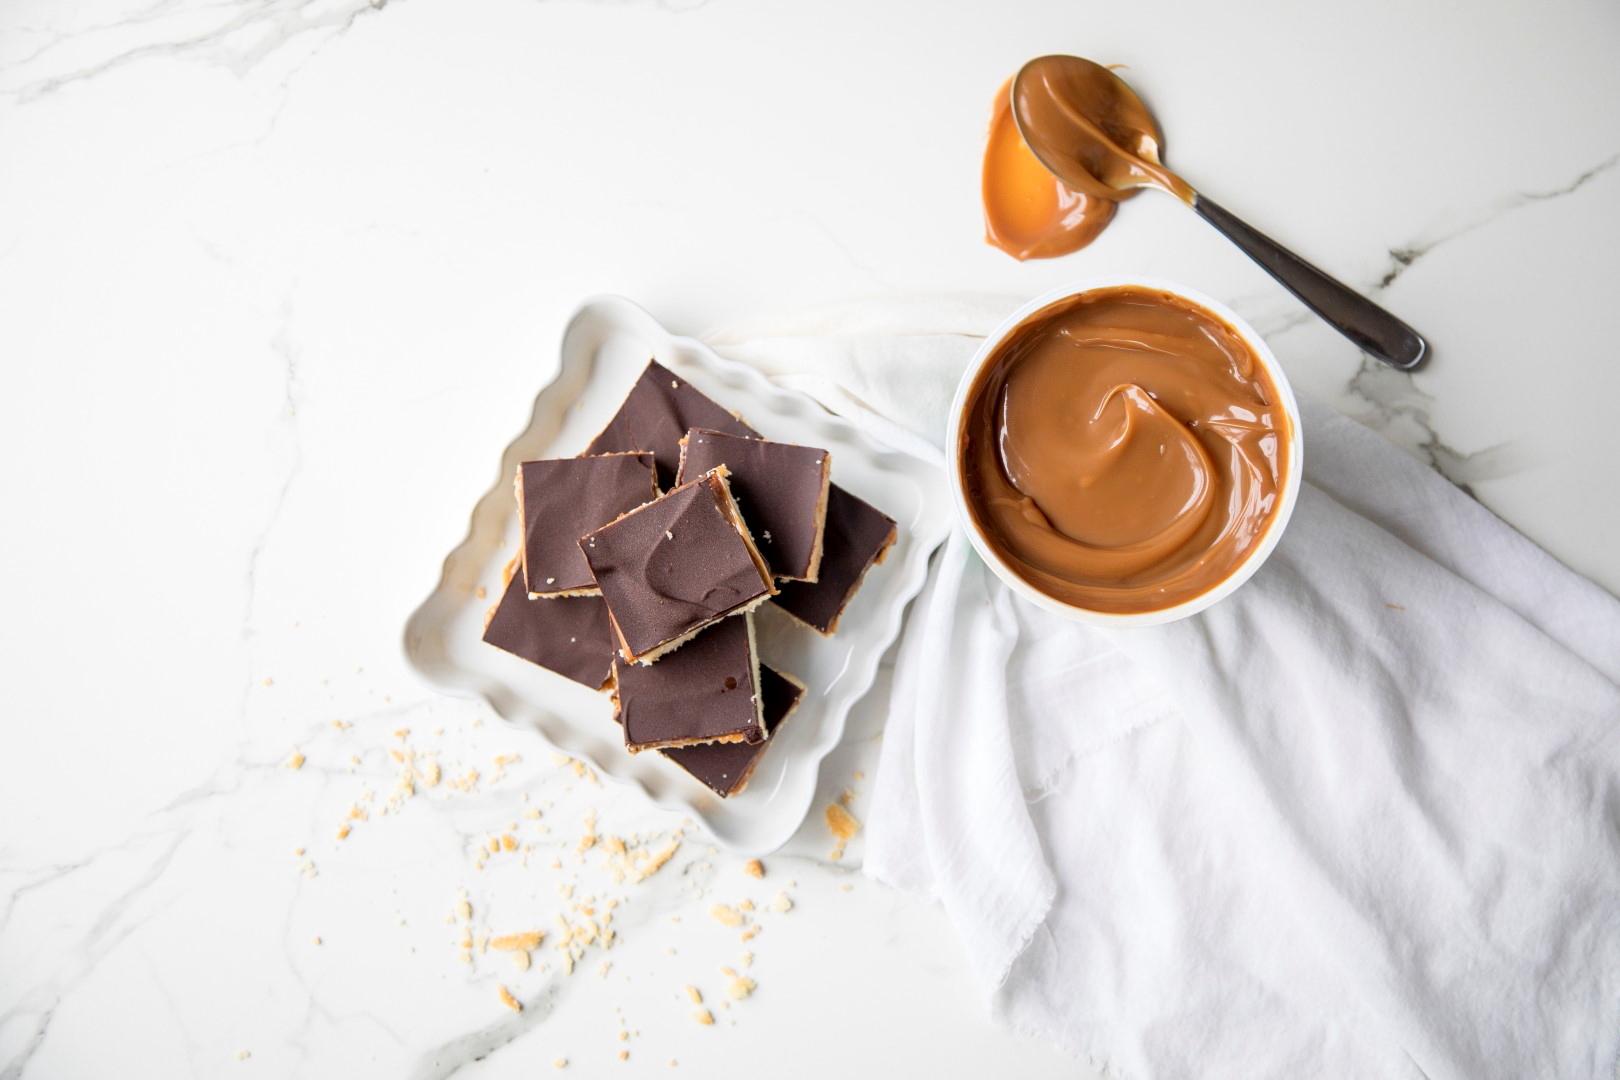 cuadraditos dulces shortbread de dulce de leche y chocolate, meriendas, postres, recetas de postres, recetas de cocina, fácil, dulce de leche Los Nietitos.